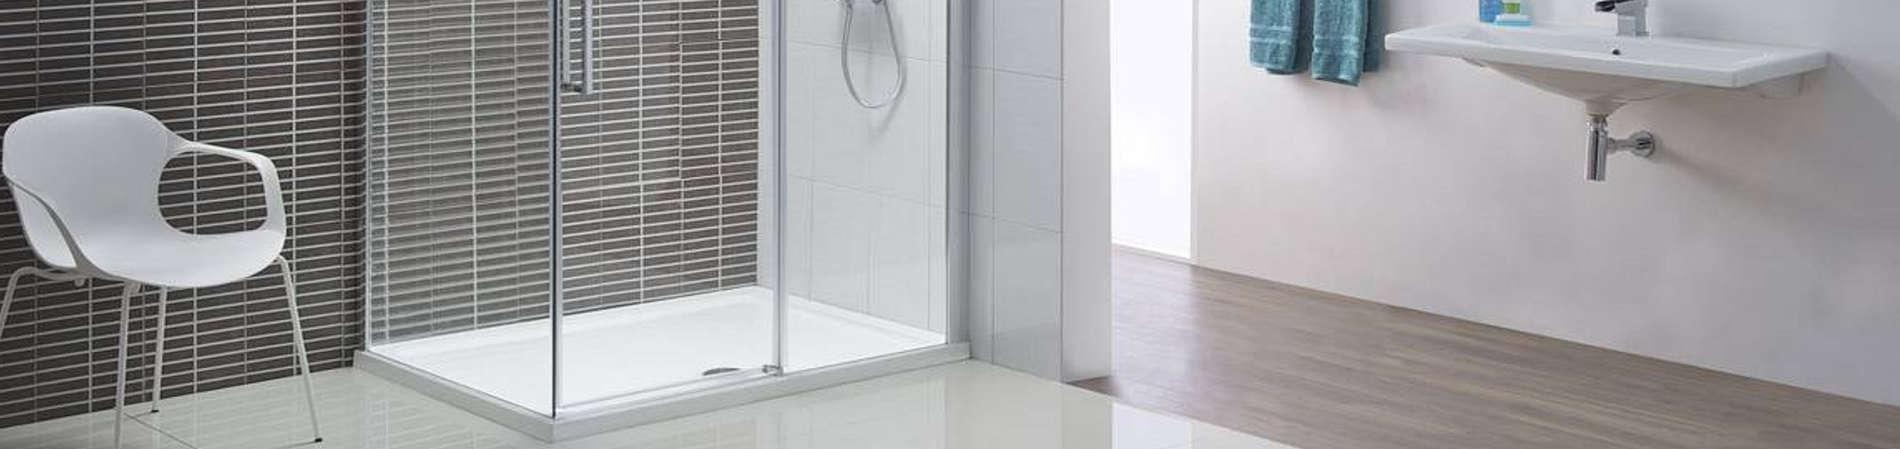 Presupuesto para cambiar plato de ducha por cabina de - Banera para plato de ducha ...